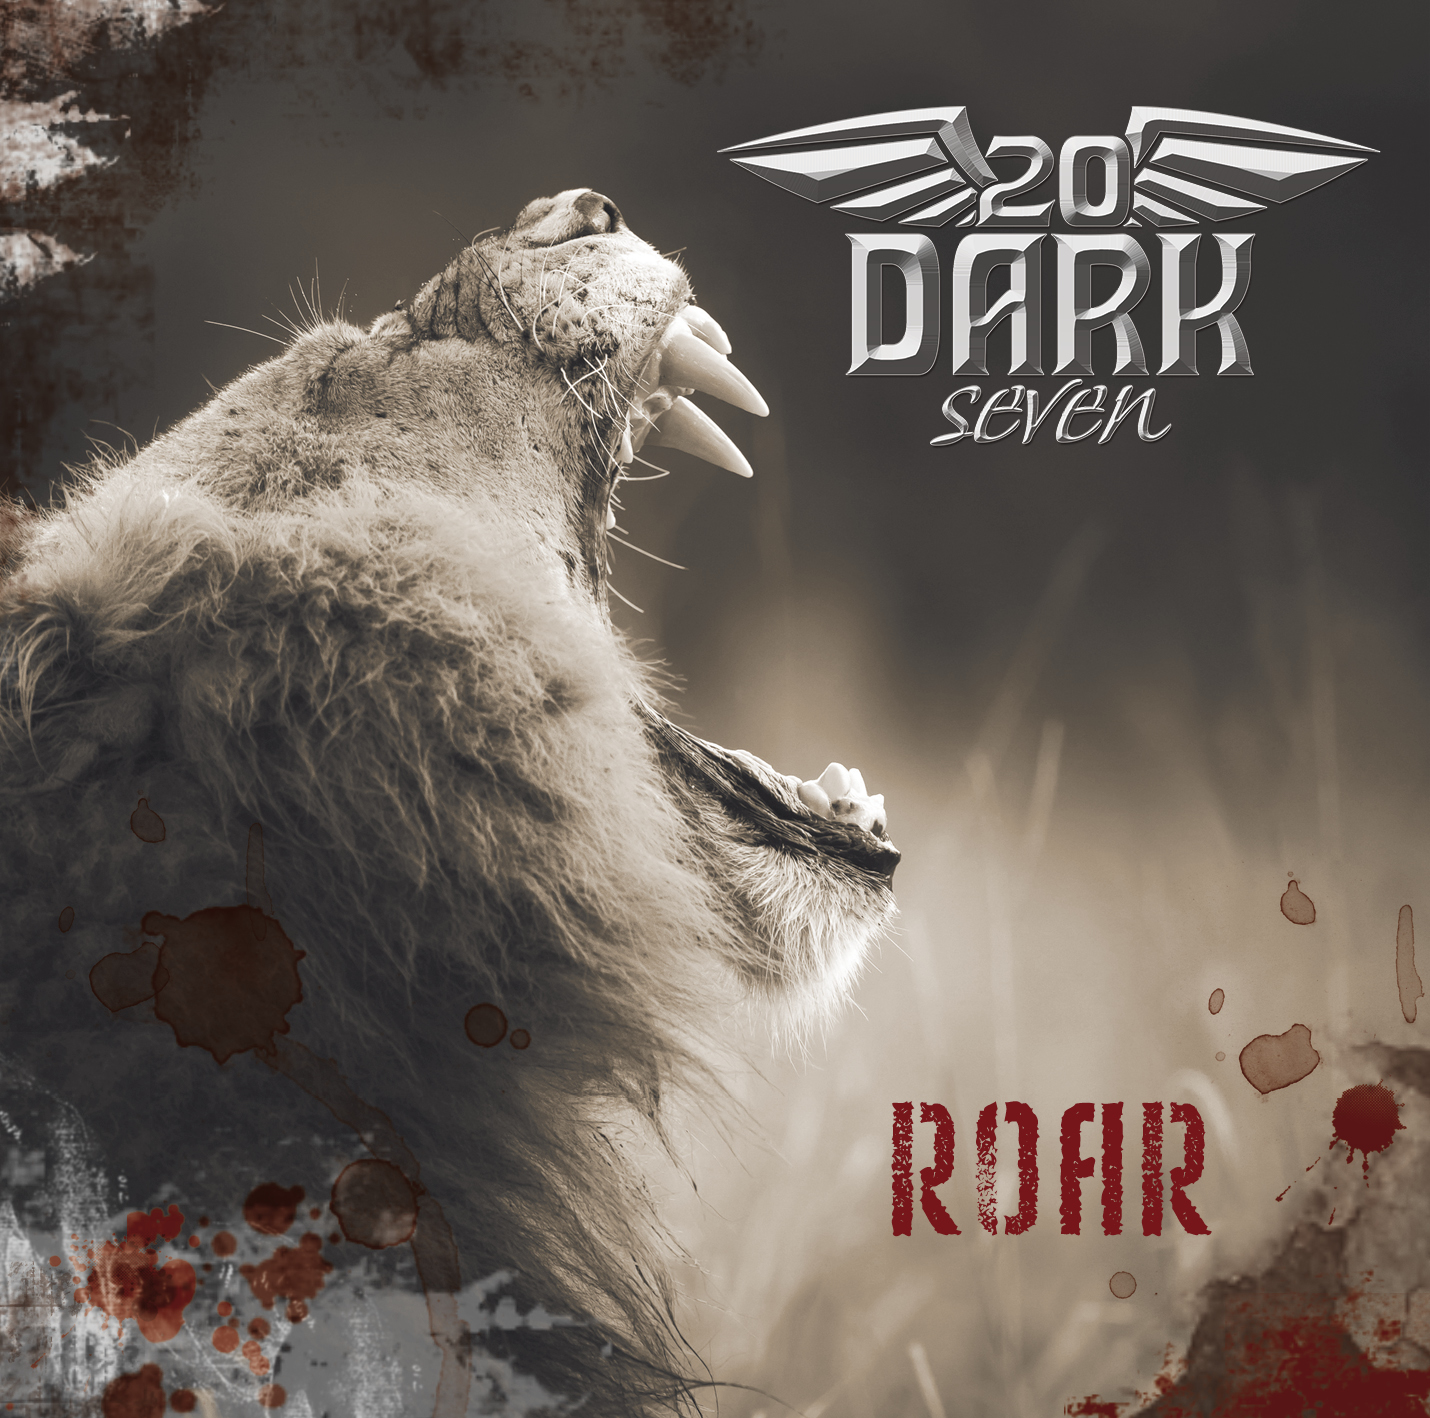 20 Dark Seven ROAR